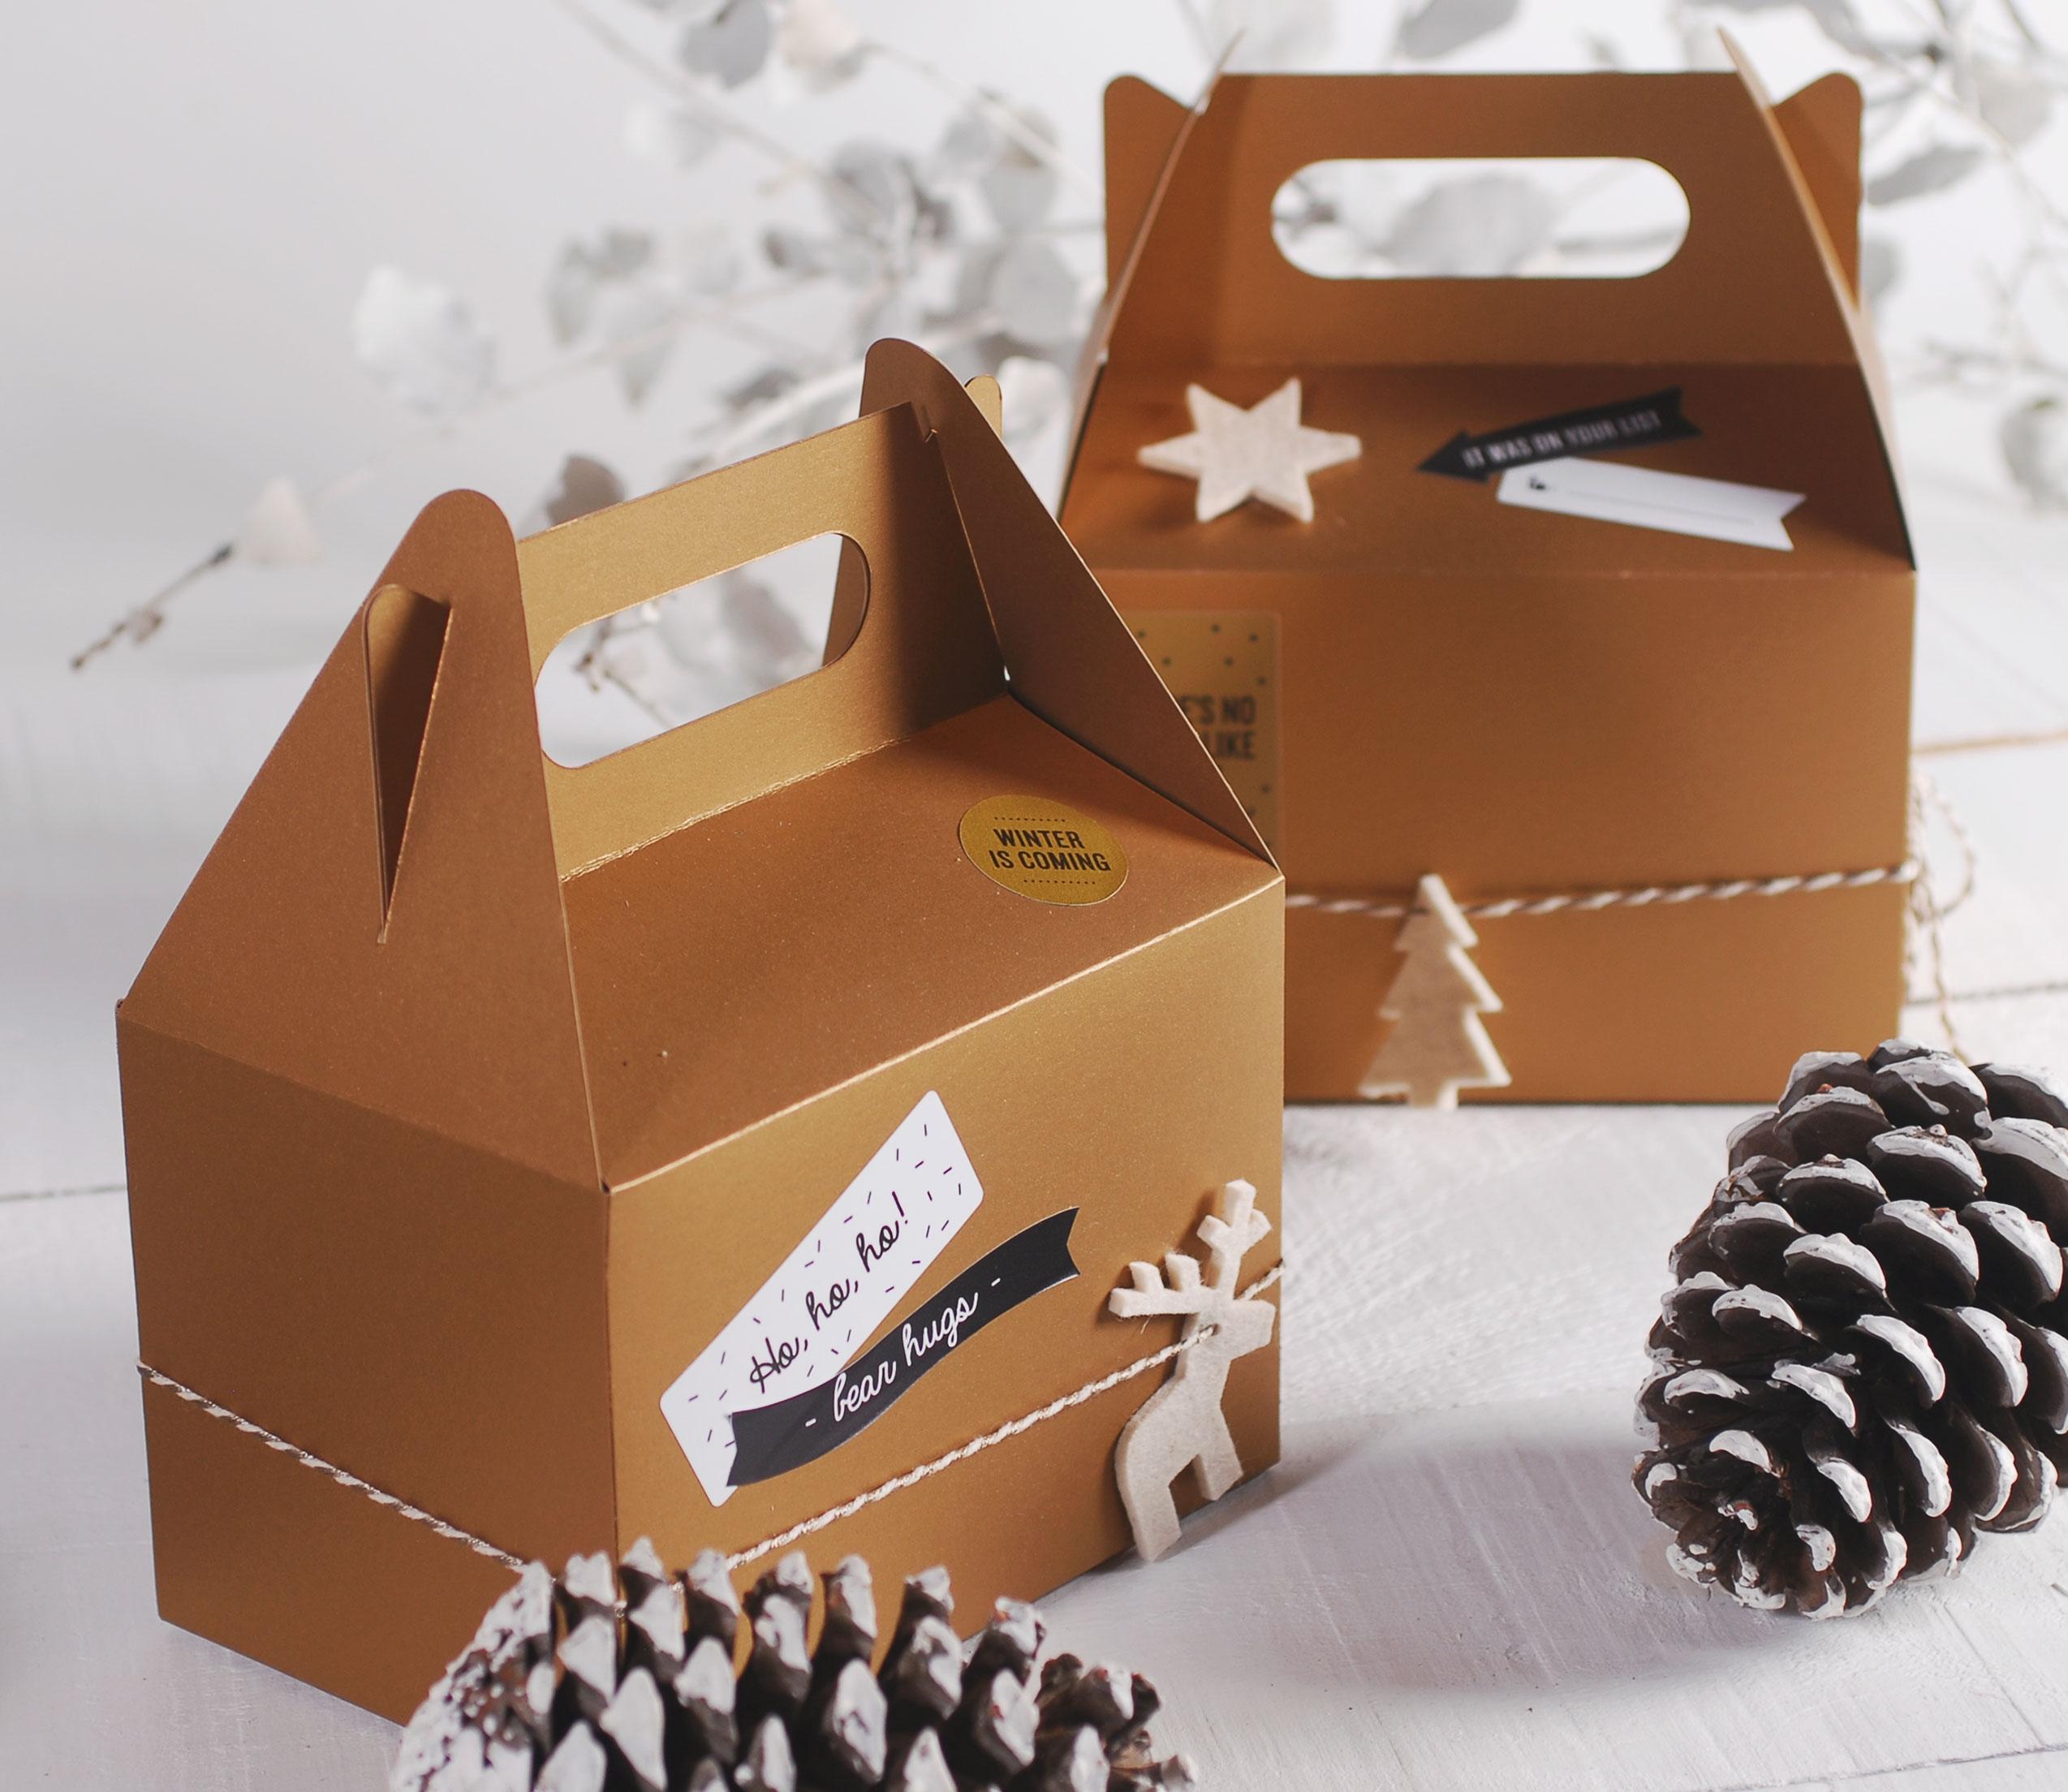 Confezioni Per Regali Di Natale.Scatola Da Picnic Per Regali Di Natale Selfpackaging